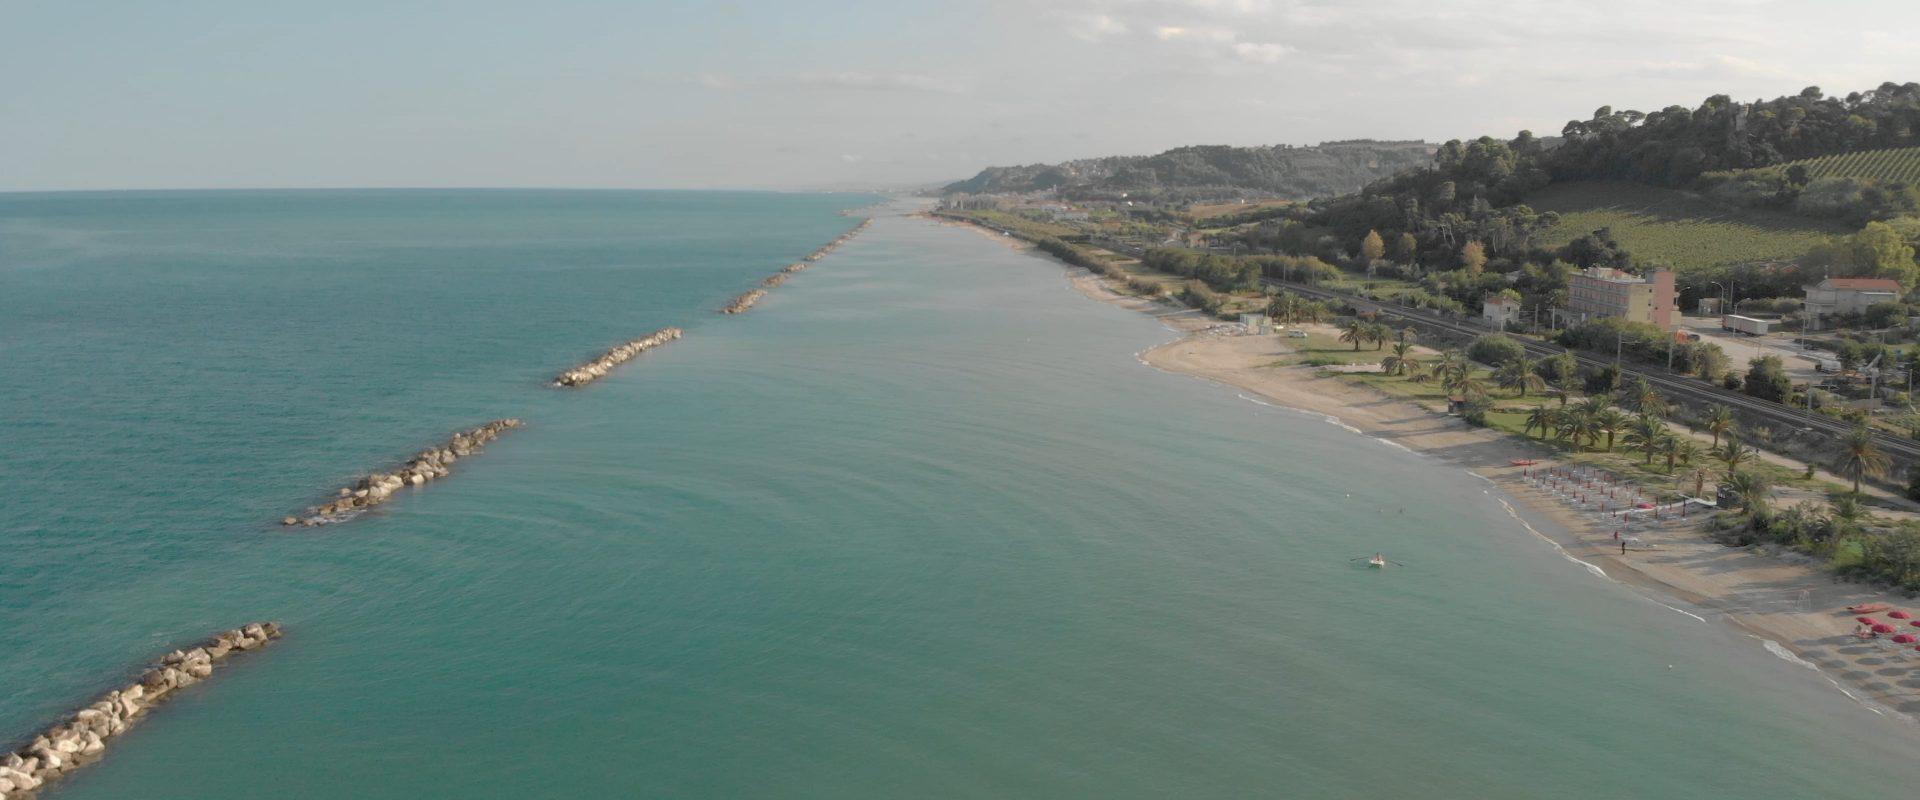 Marina di Massignano